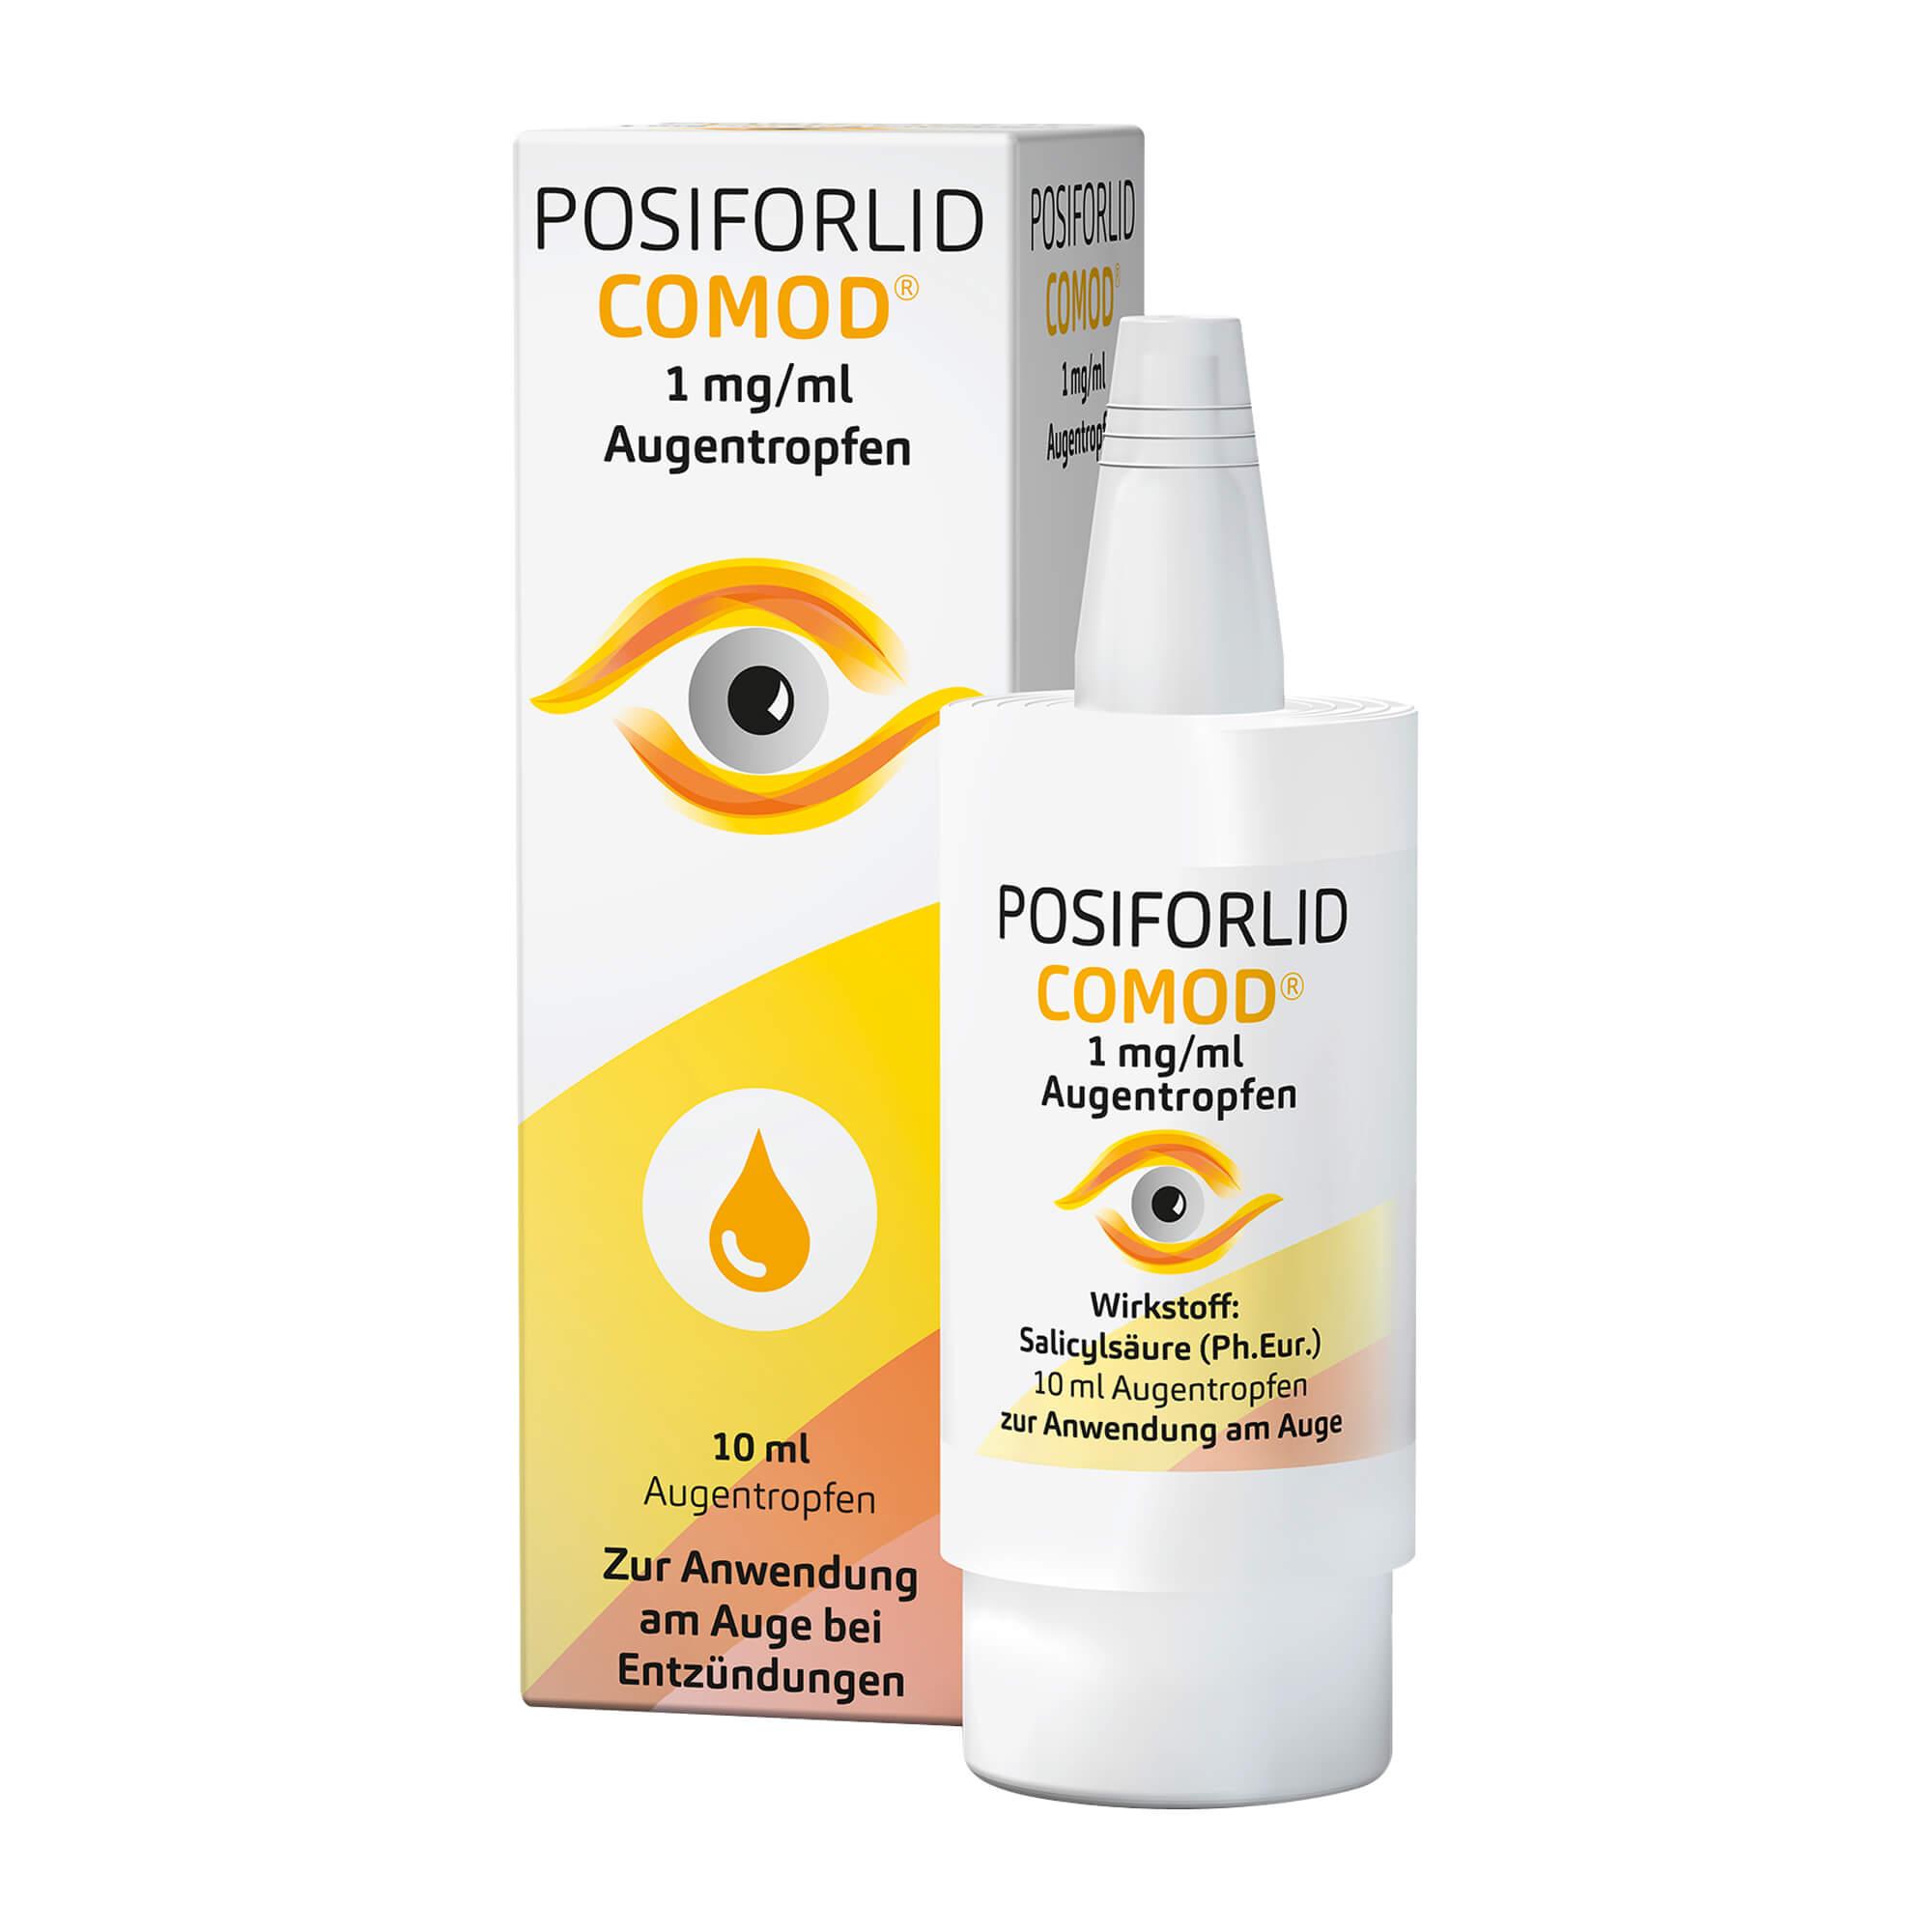 Posiforlid Comod 1 mg/ml Augentropfen